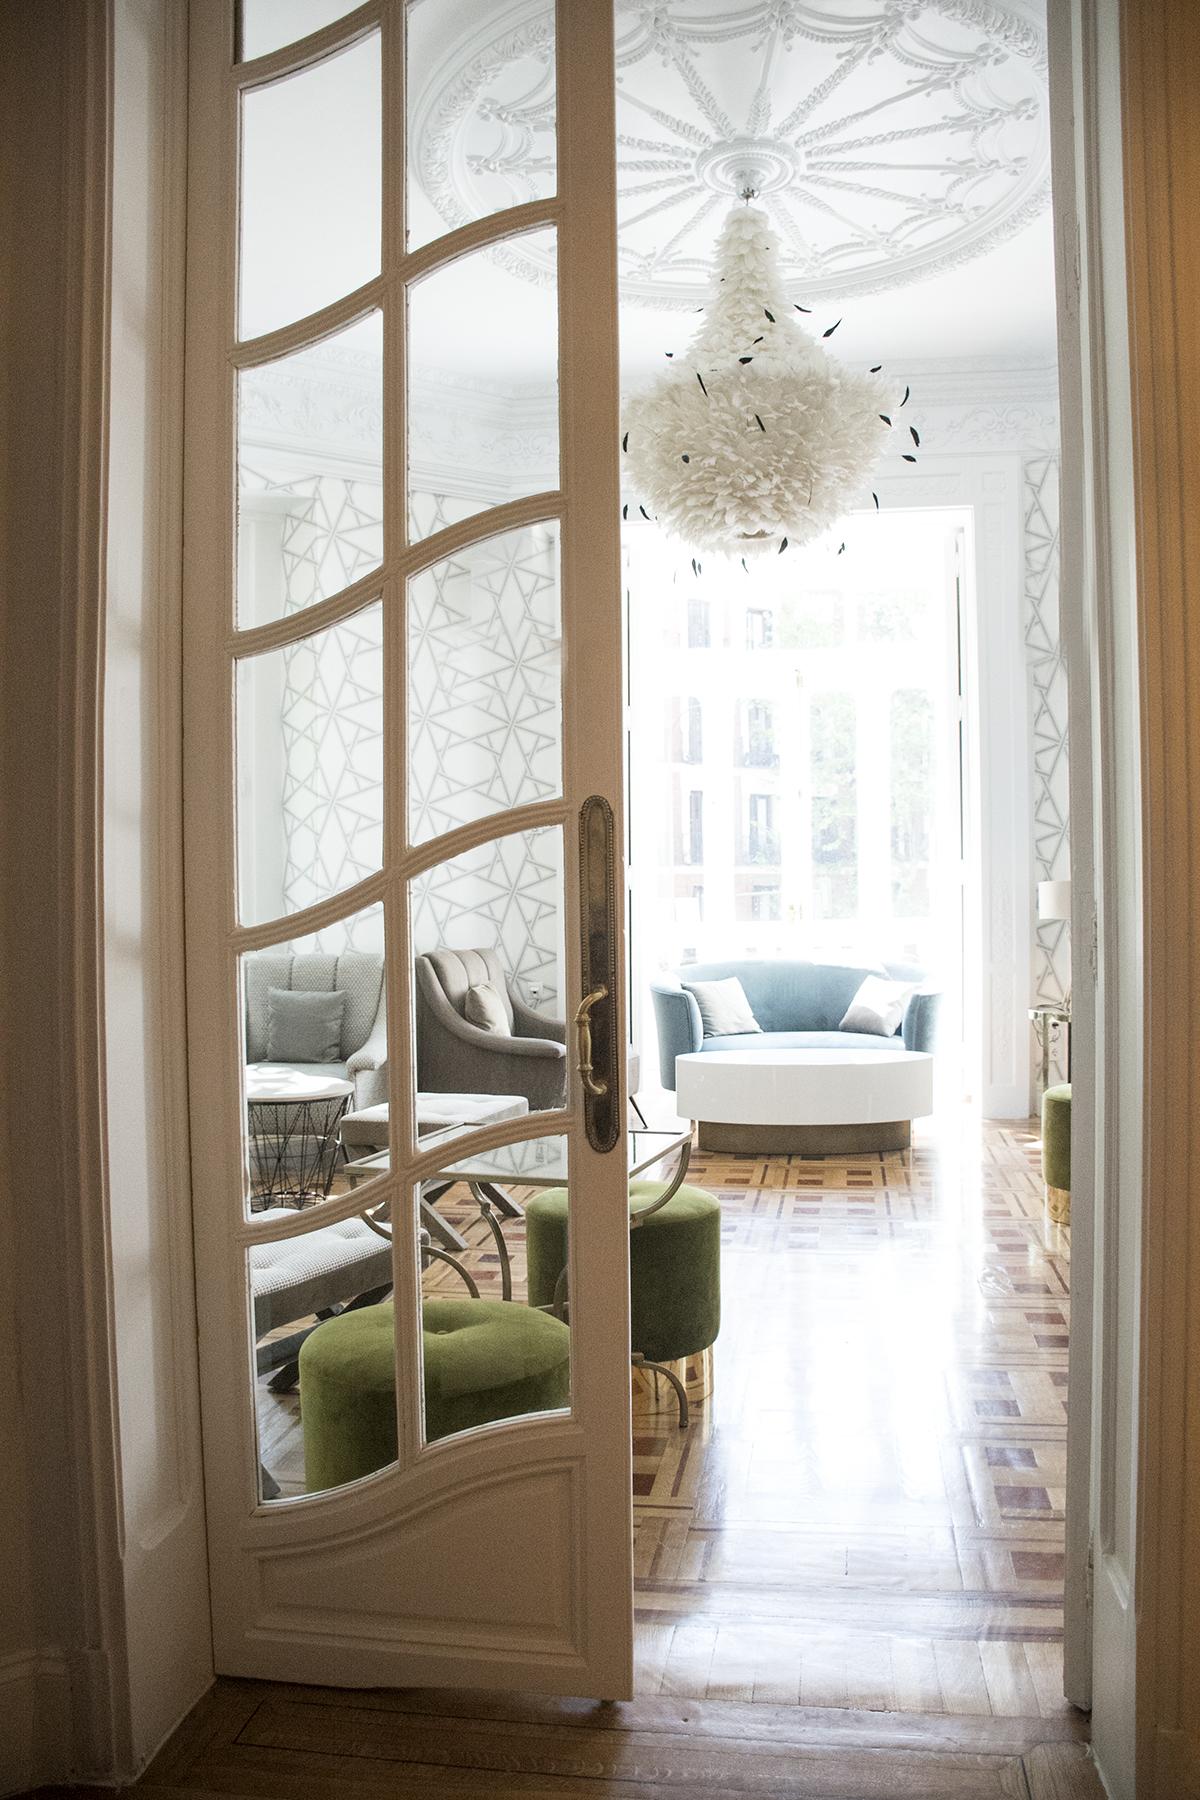 Diferentes estancias para facilitar una experiencia de exclusivo confort